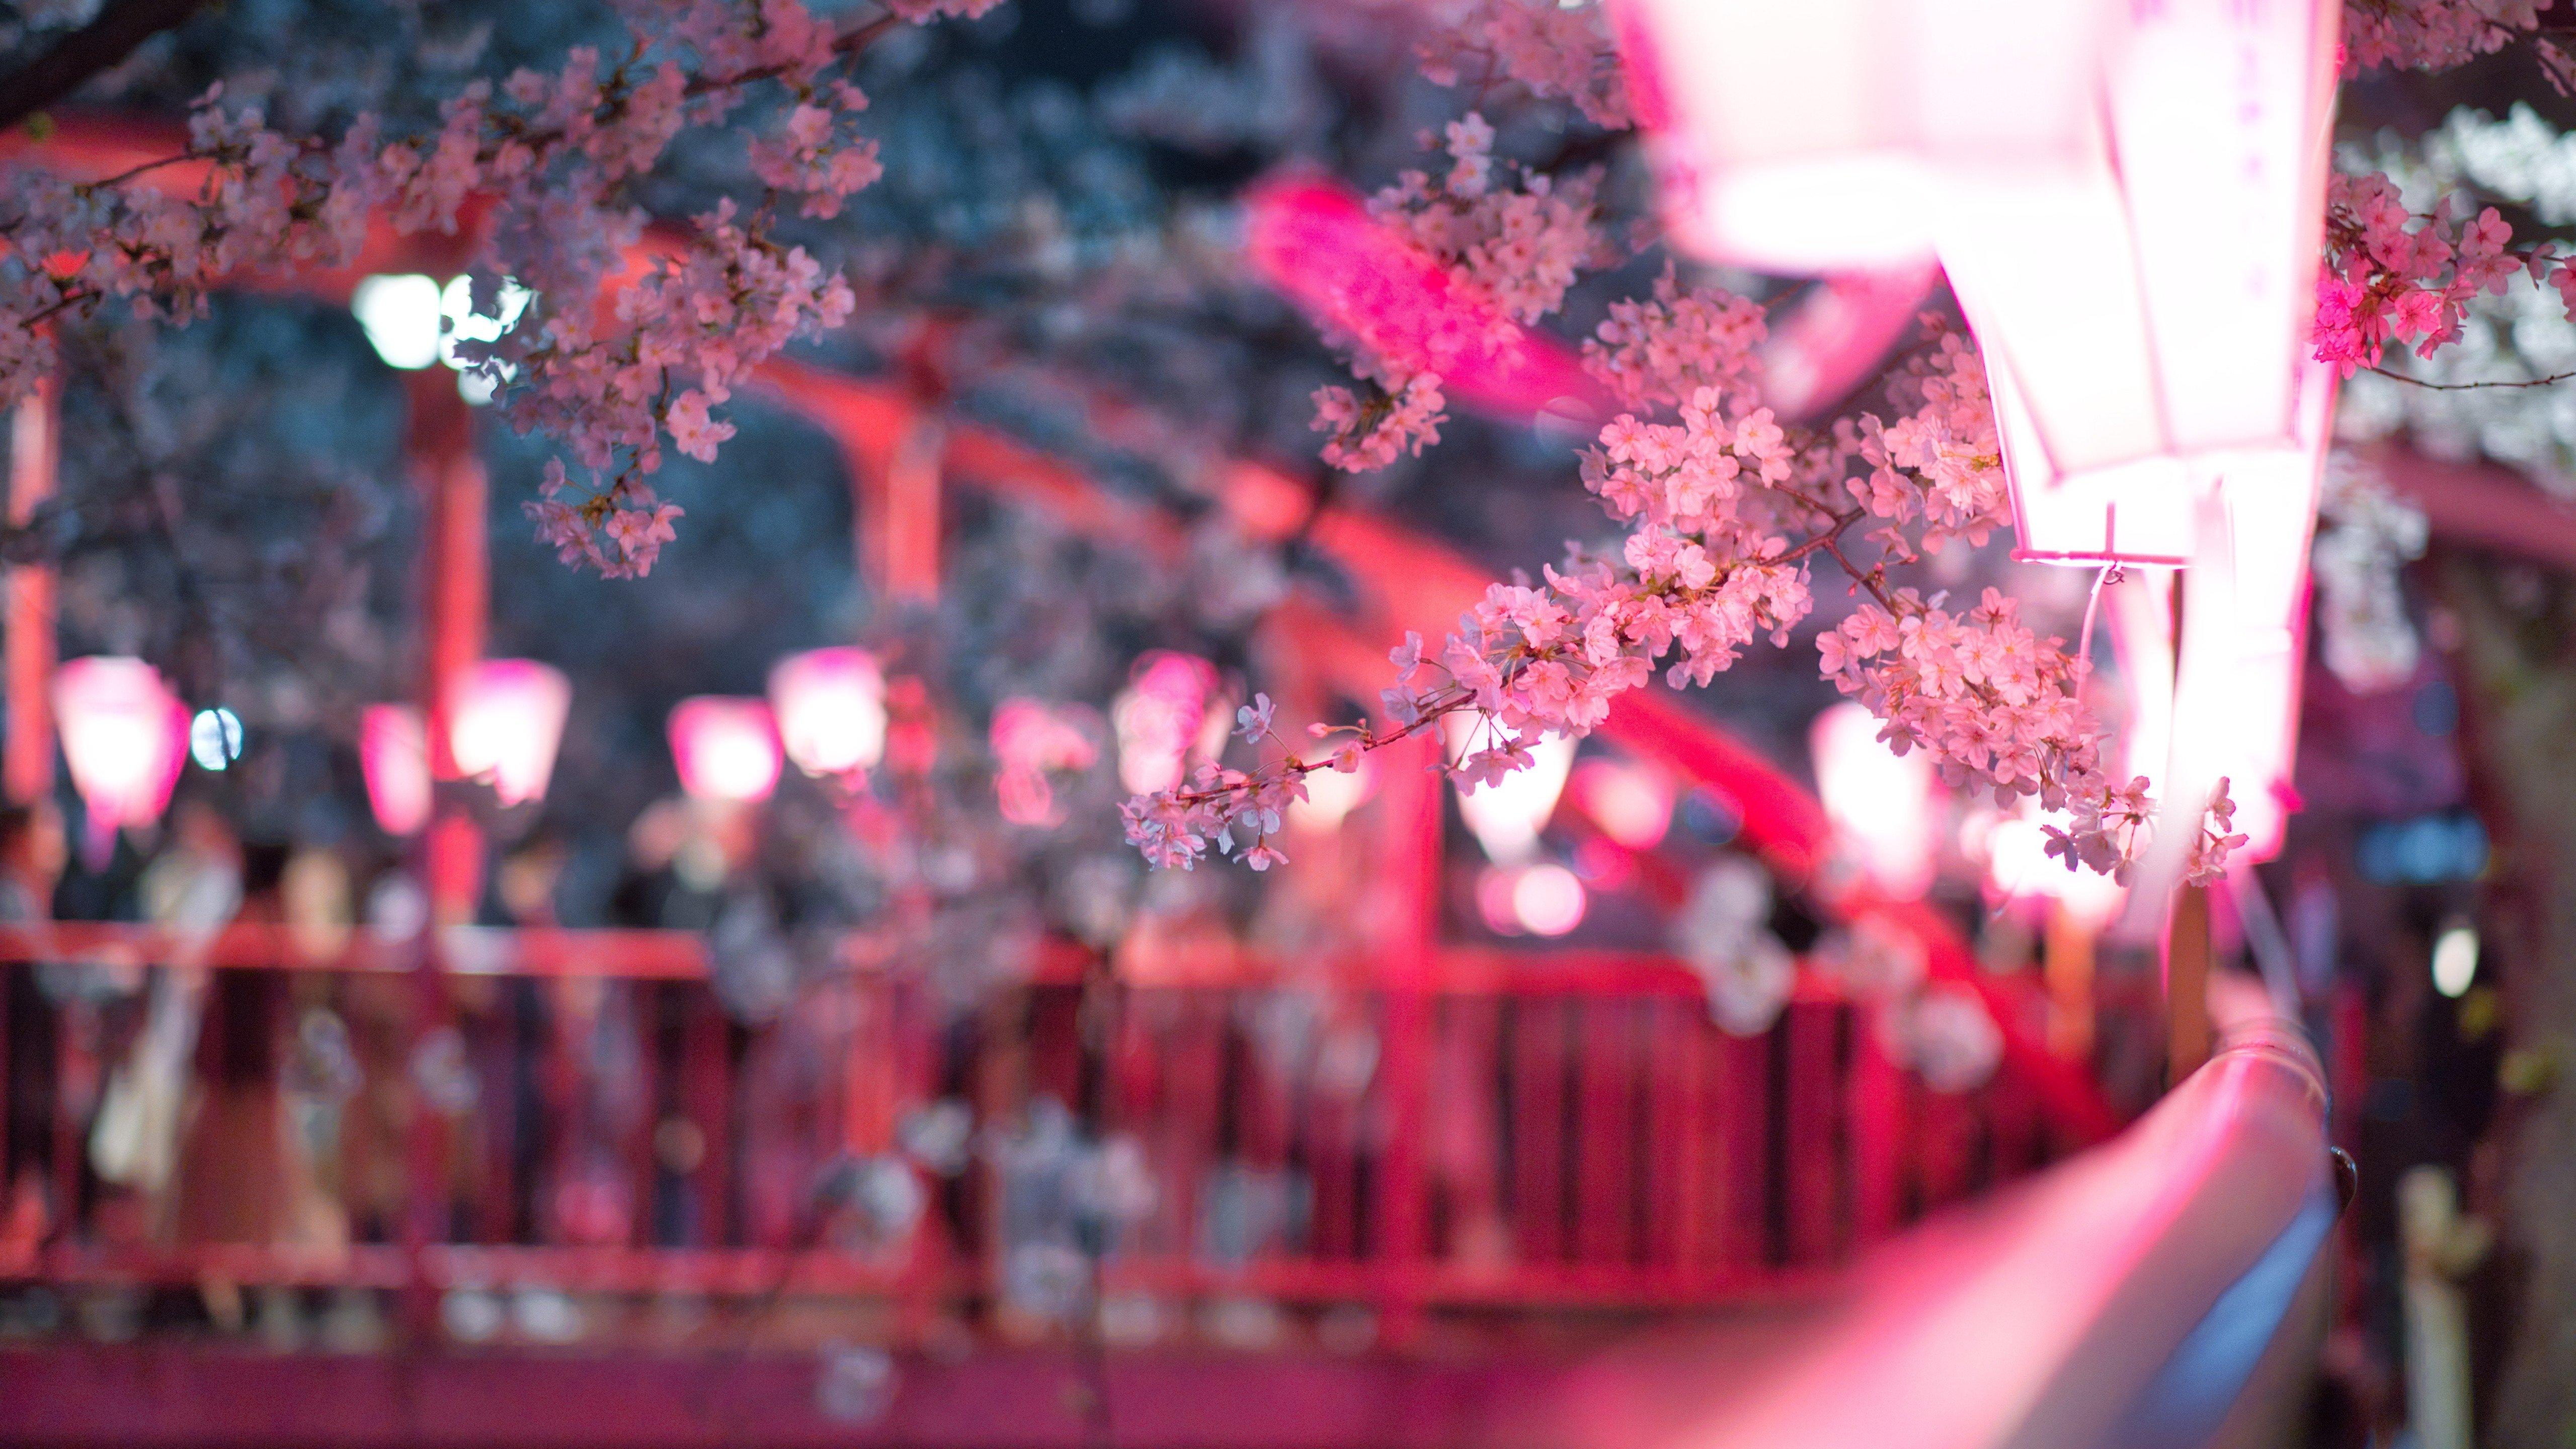 Fondos de pantalla Cerezo en calle con luces